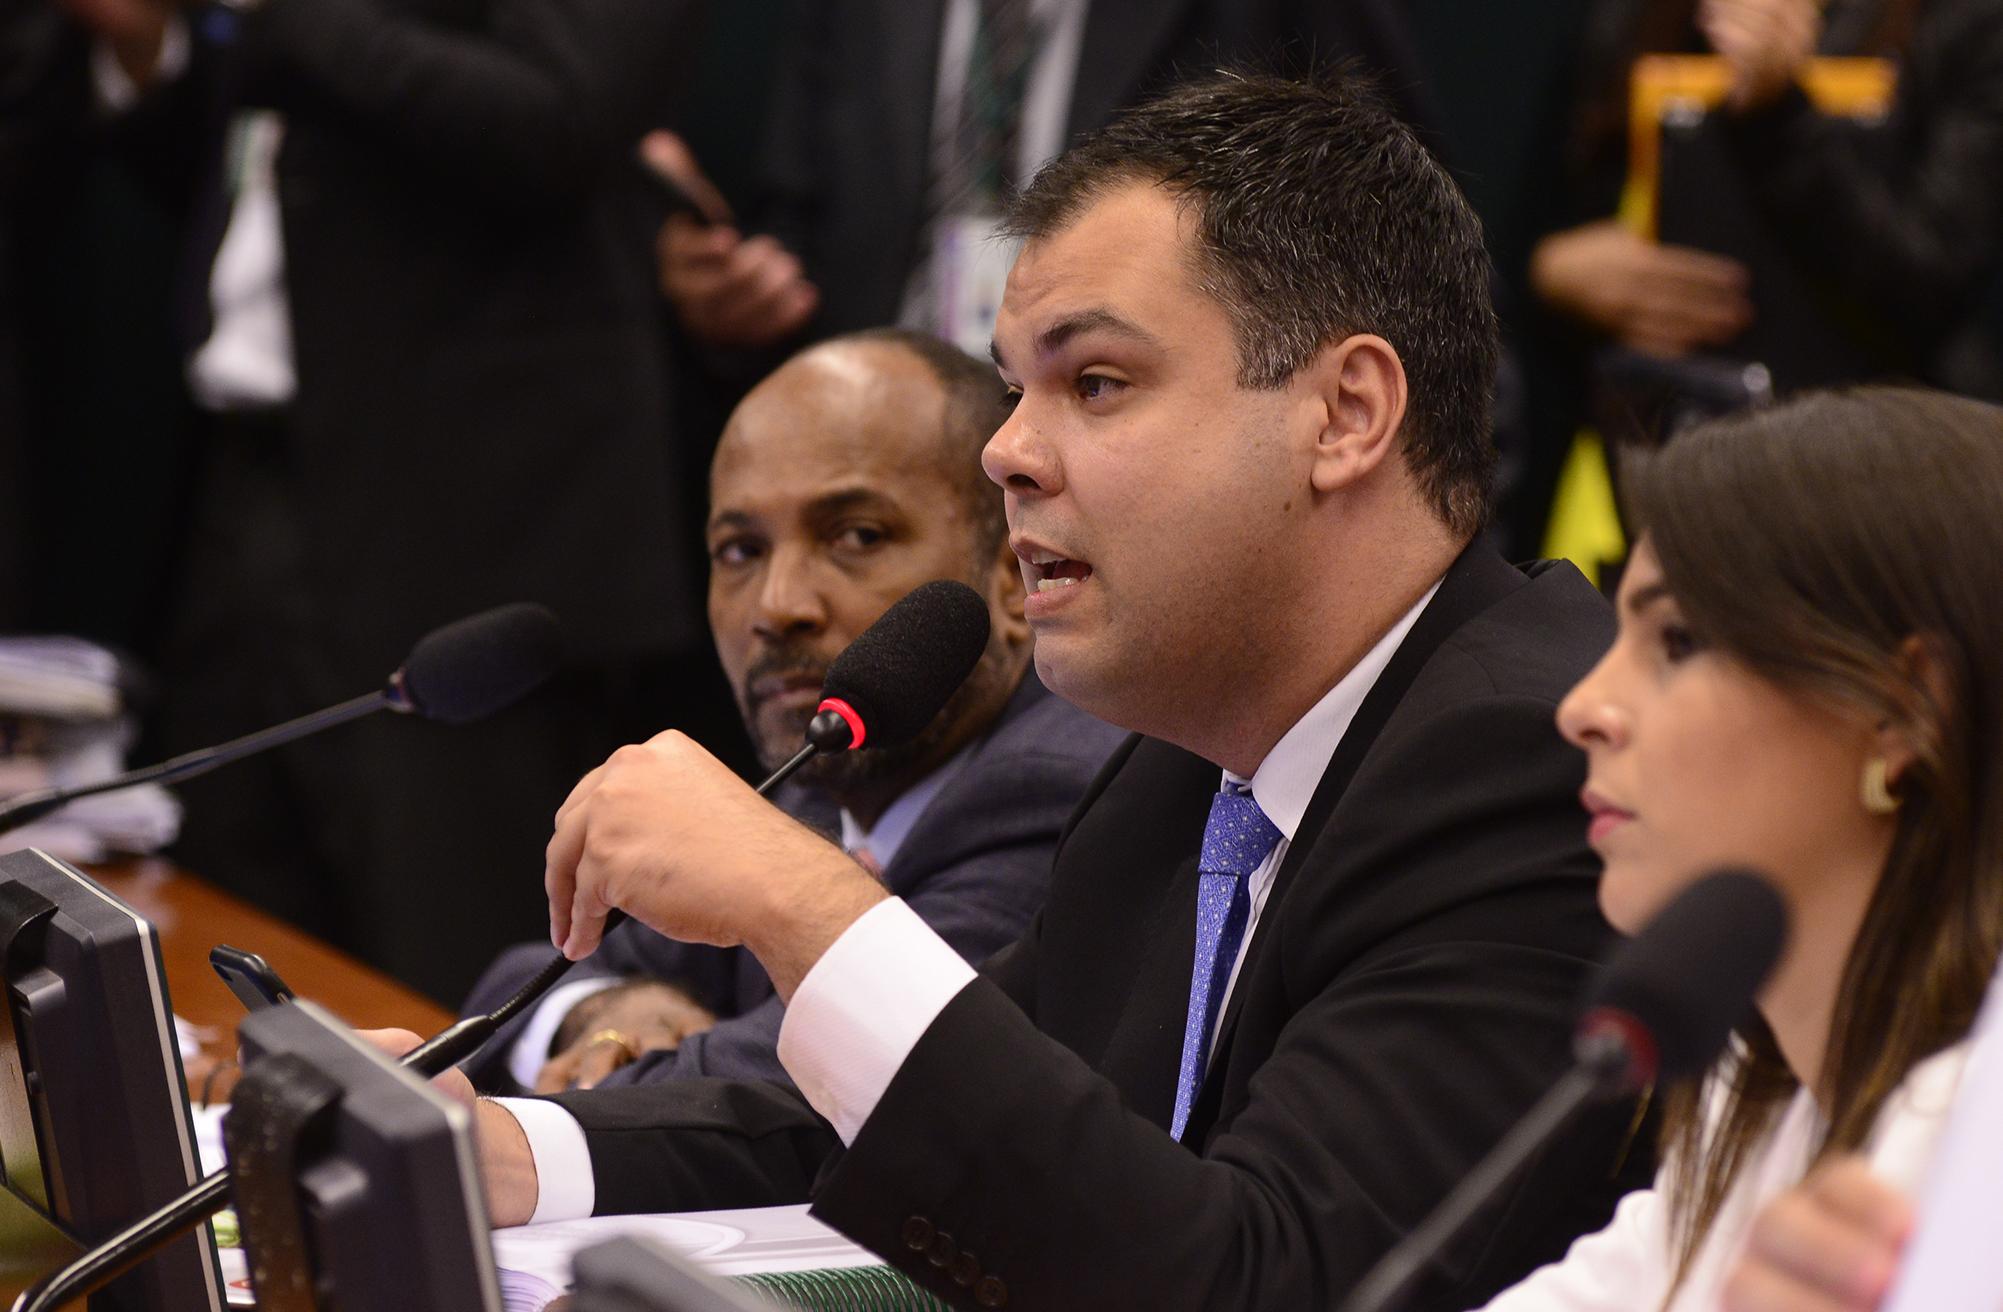 Reunião da Comissão Especial encarregada de analisar o pedido de impeachment da presidente Dilma Rousseff. Dep. Bruno Covas (PSDB-SP)